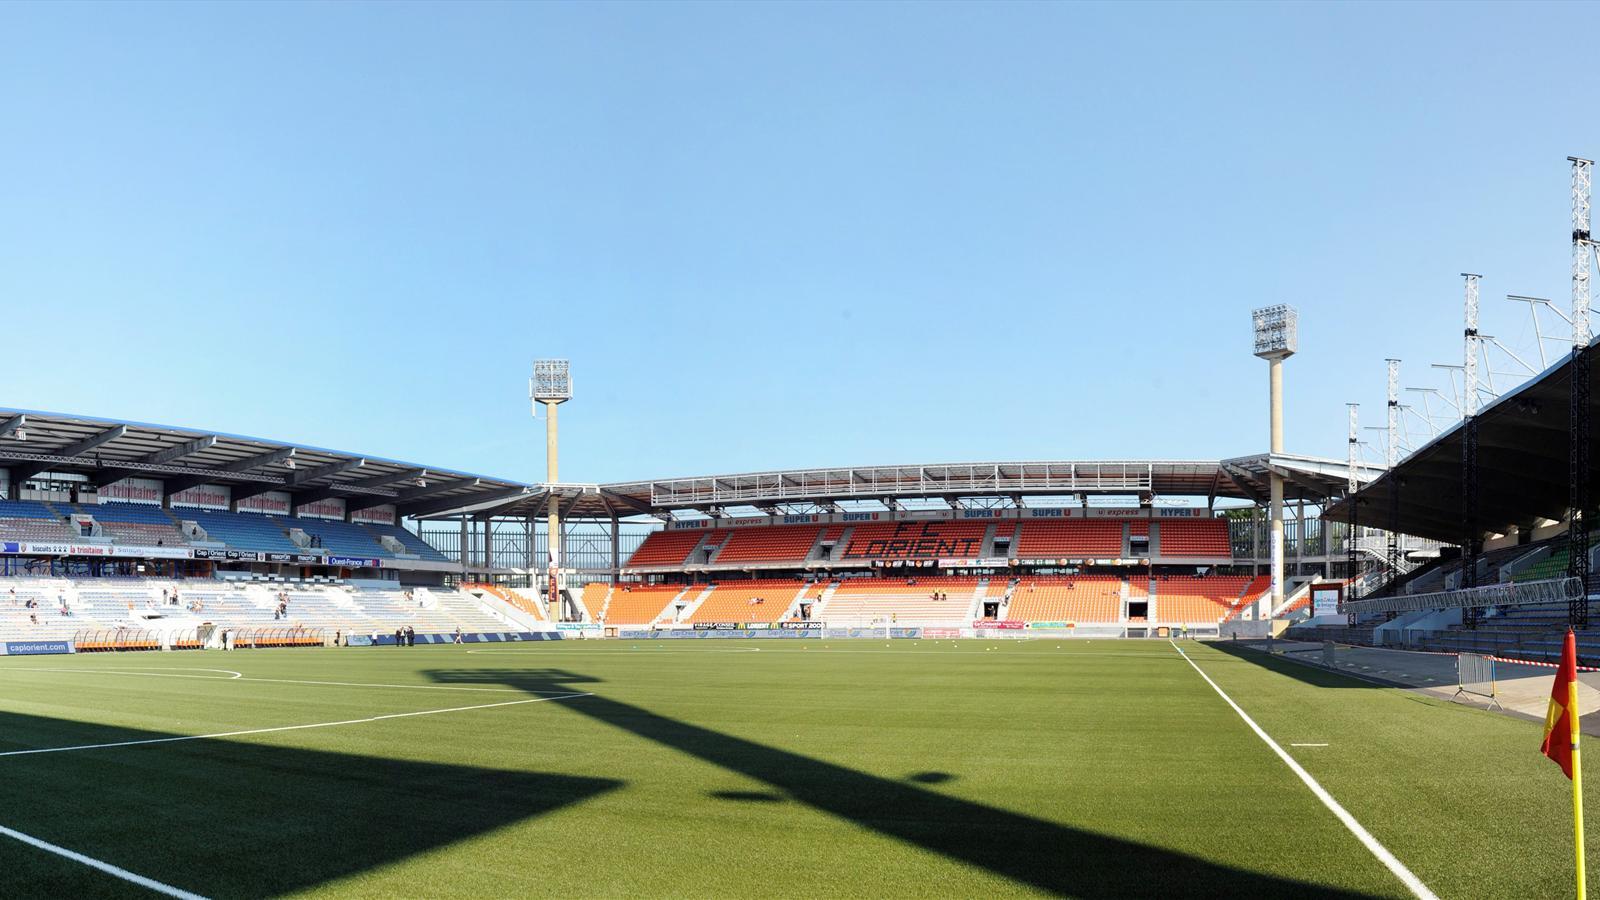 Неймар и Мбаппе прилипли к скамейке запасных и наблюдают за матчем «Лорьян» – «ПСЖ»